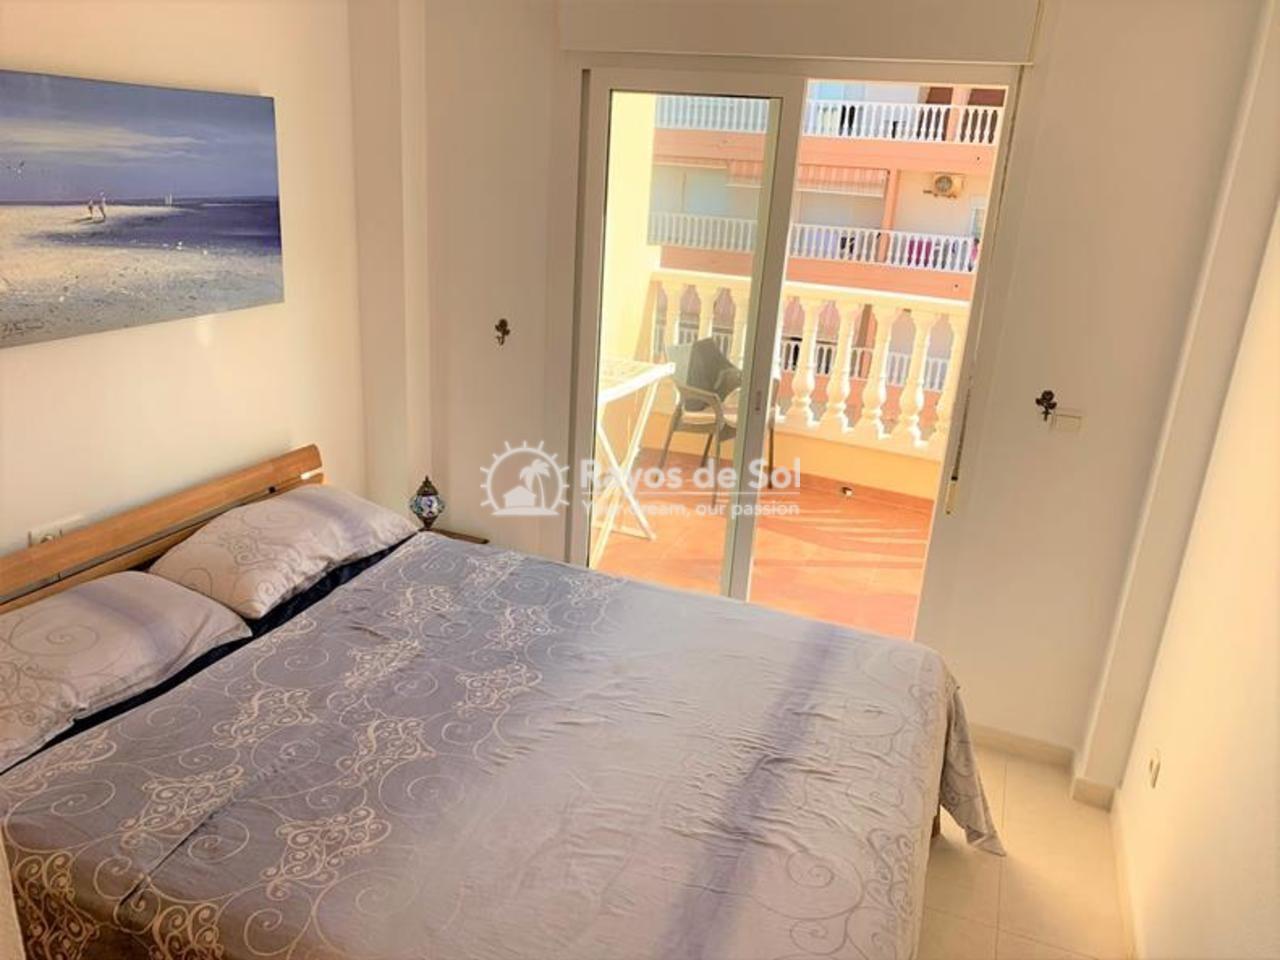 Apartment  in La Manga del Mar Menor, Costa Cálida (561332svm) - 23